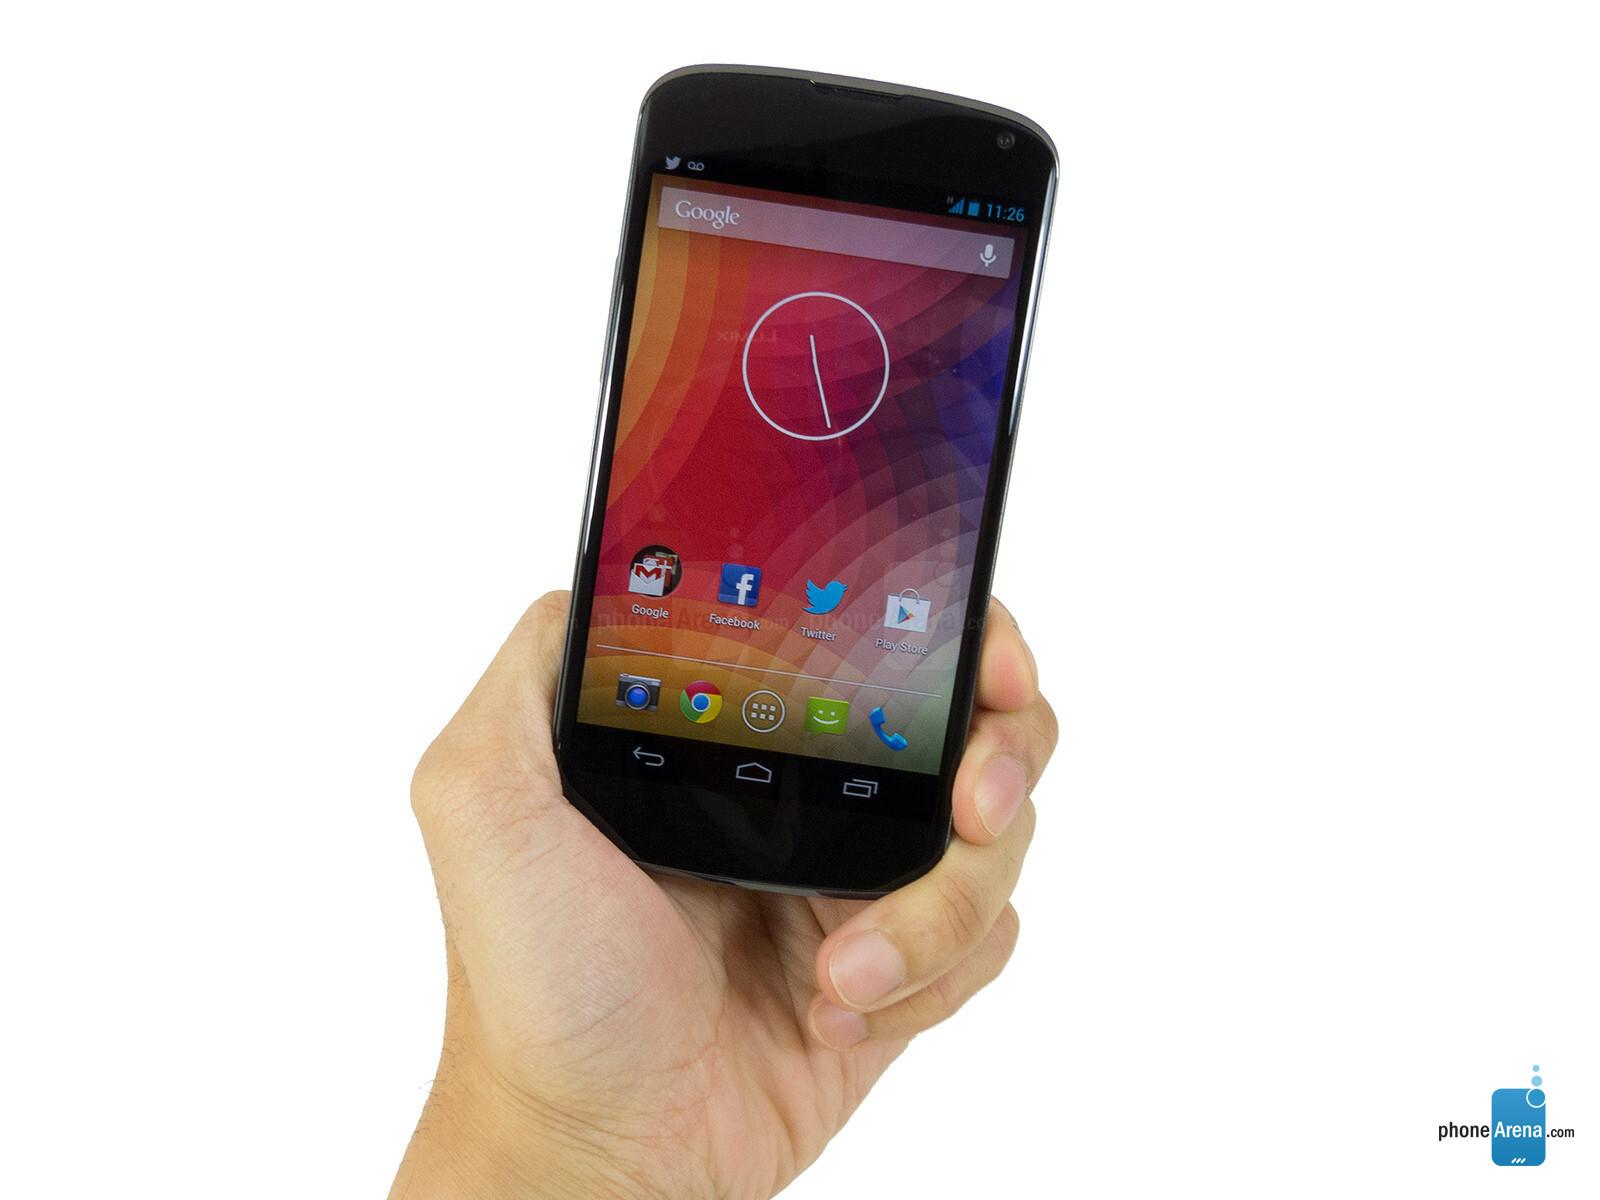 Google nexus 4 review pictures it pro - Google Nexus 4 Review Pictures It Pro 19